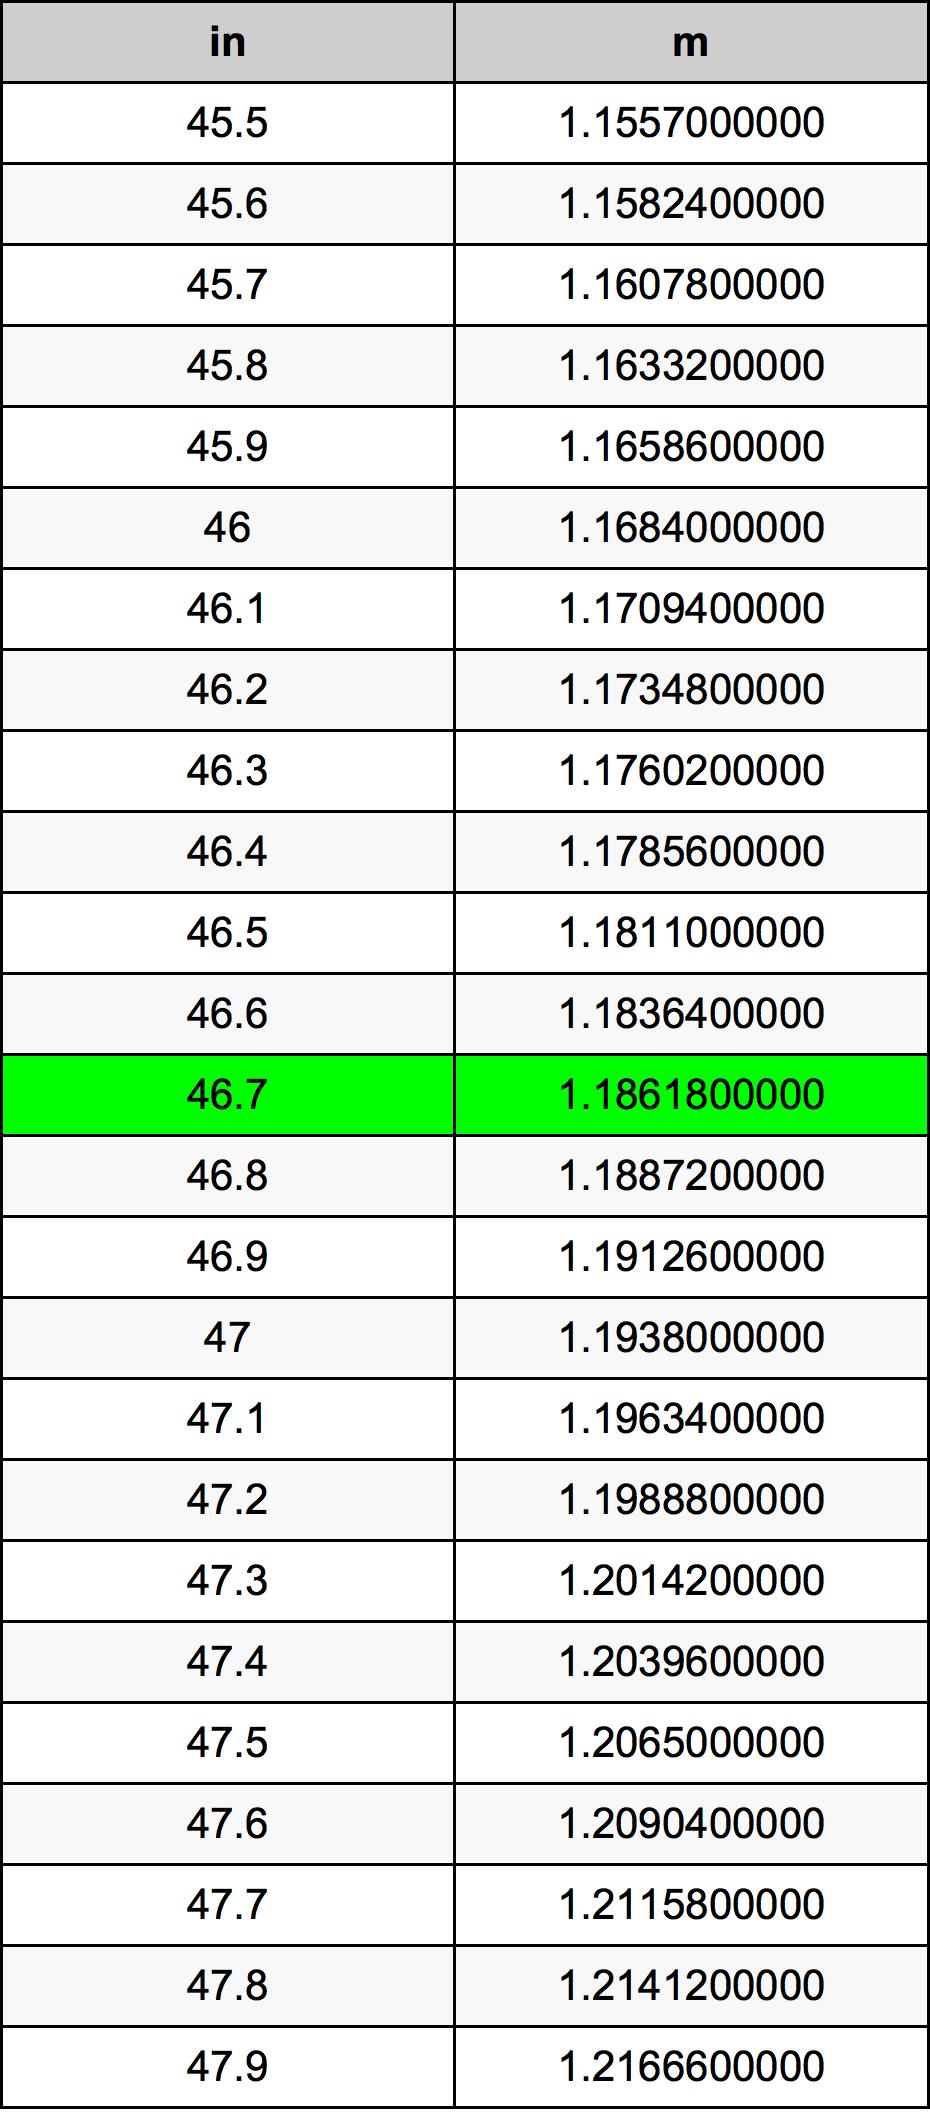 46.7 Pouce table de conversion